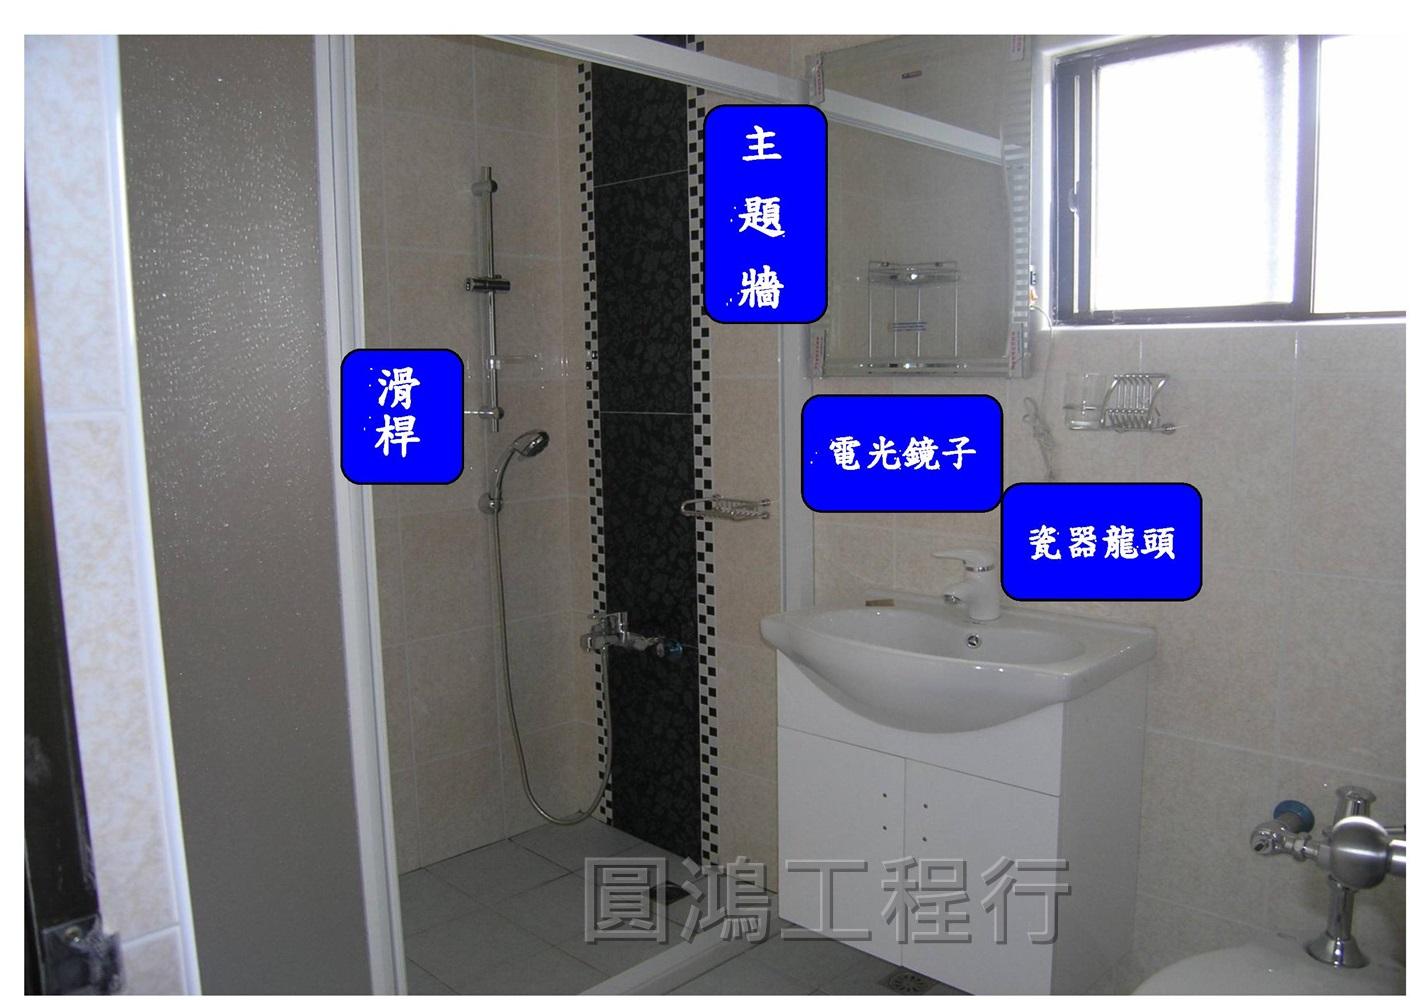 file-page68.jpg